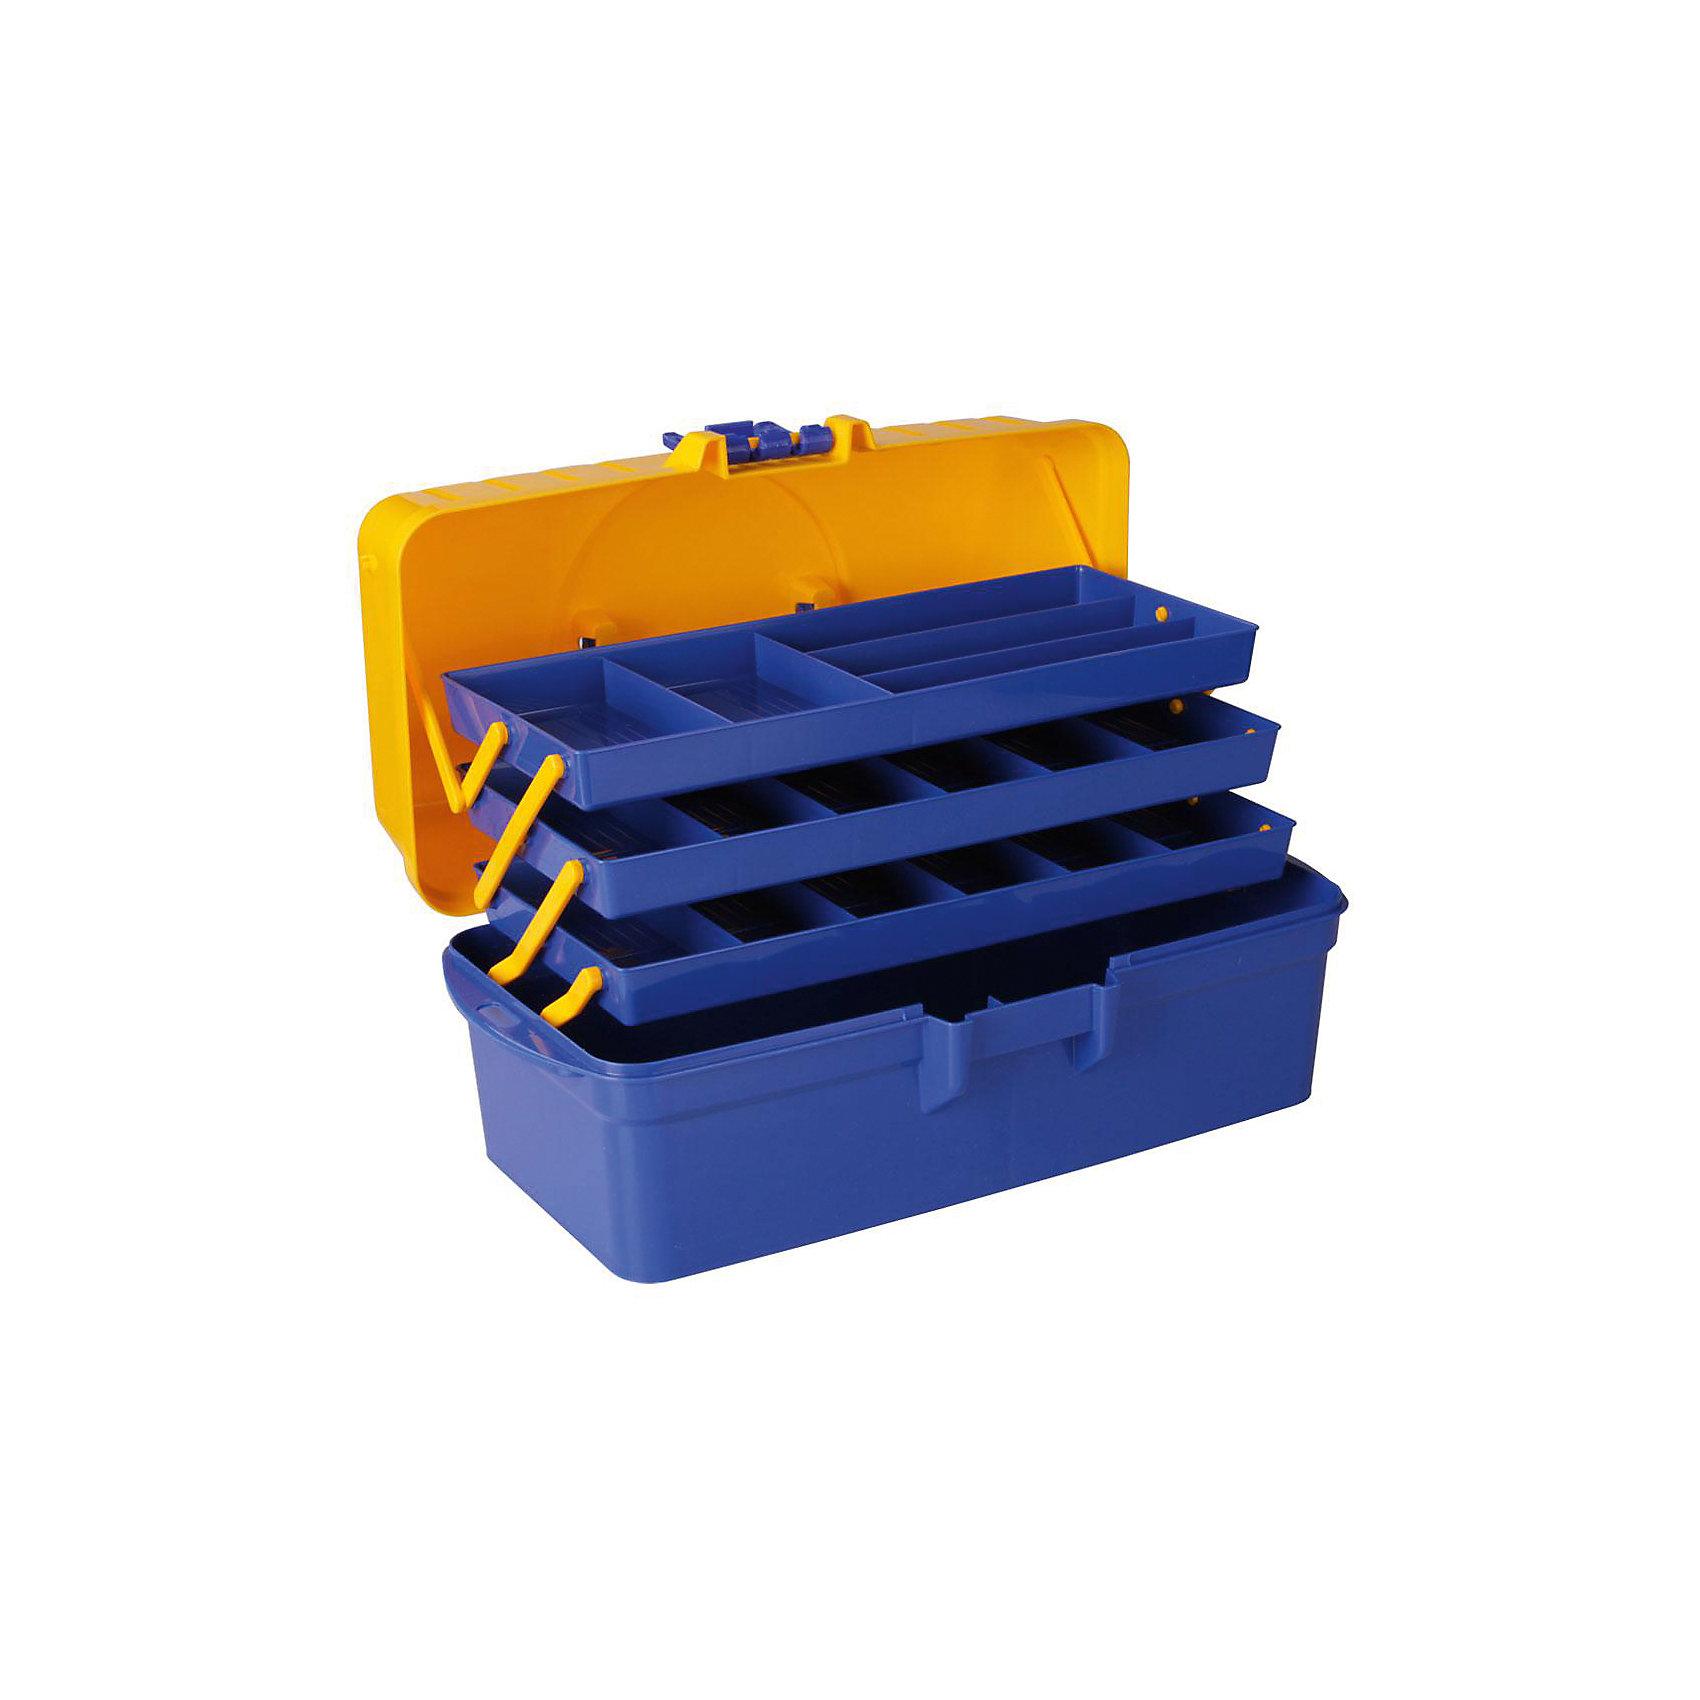 Деревянный ящик для инструментов своими руками: разновидности органайзеров и чертежи с пошаговым руководством